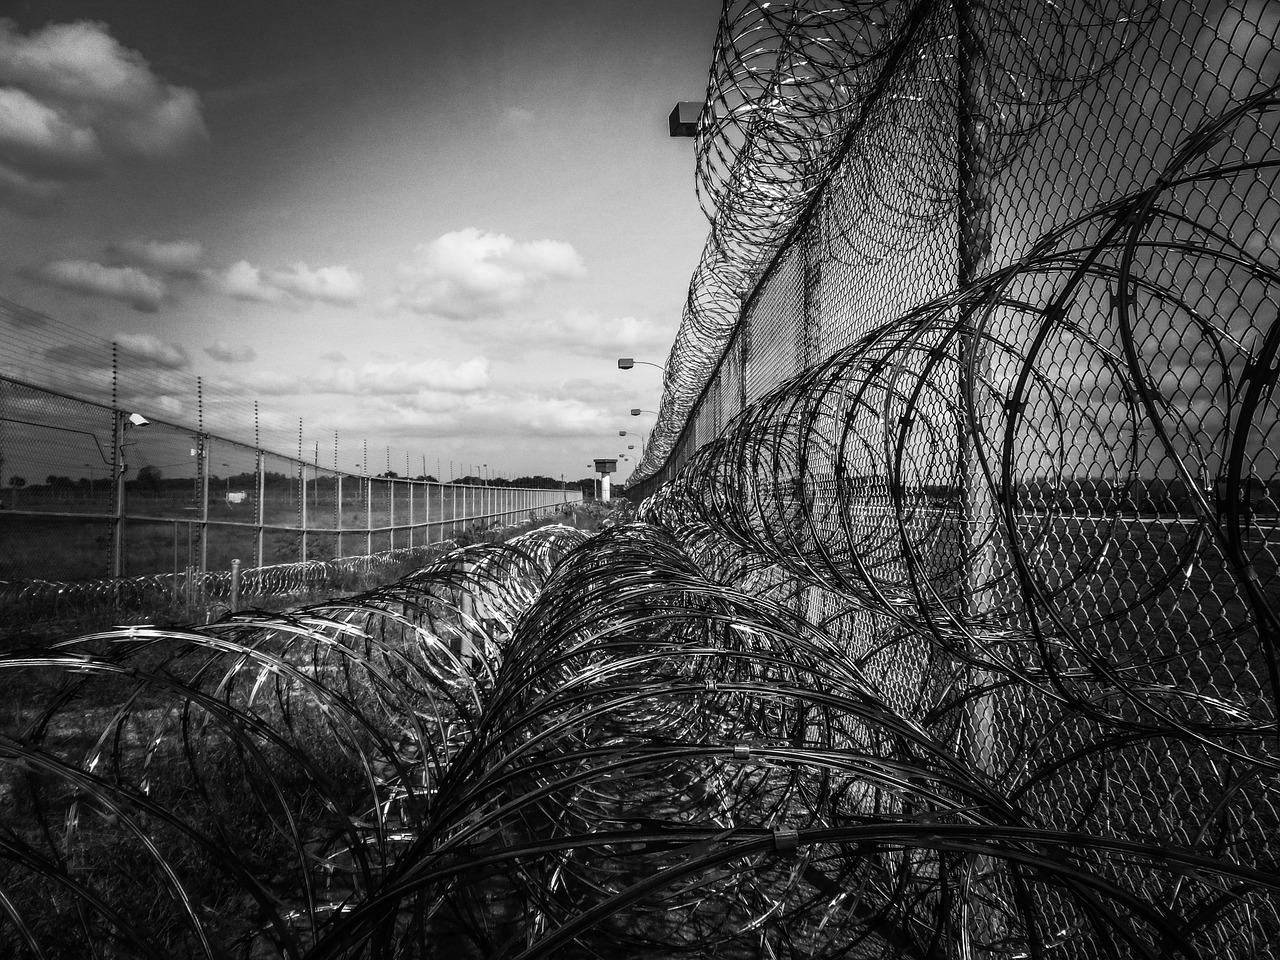 Экс-чиновники КУМИ в Марий Эл проведут ближайшие 10 лет в колонии за мошенничество